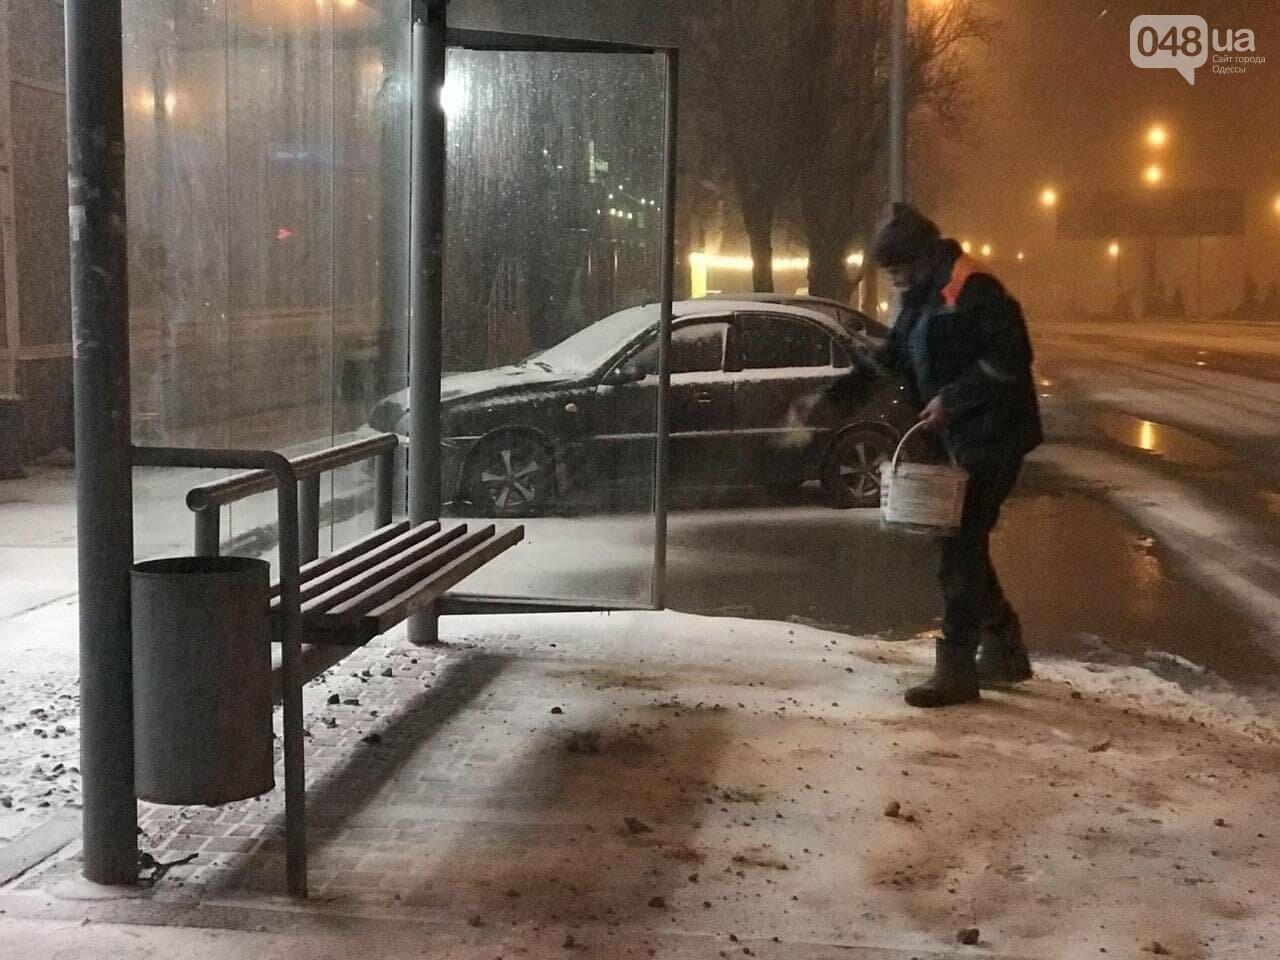 В Одессе около 100 автомобилей всю ночь разгребали снег и посыпали улицы,- ФОТО, ВИДЕО, фото-8